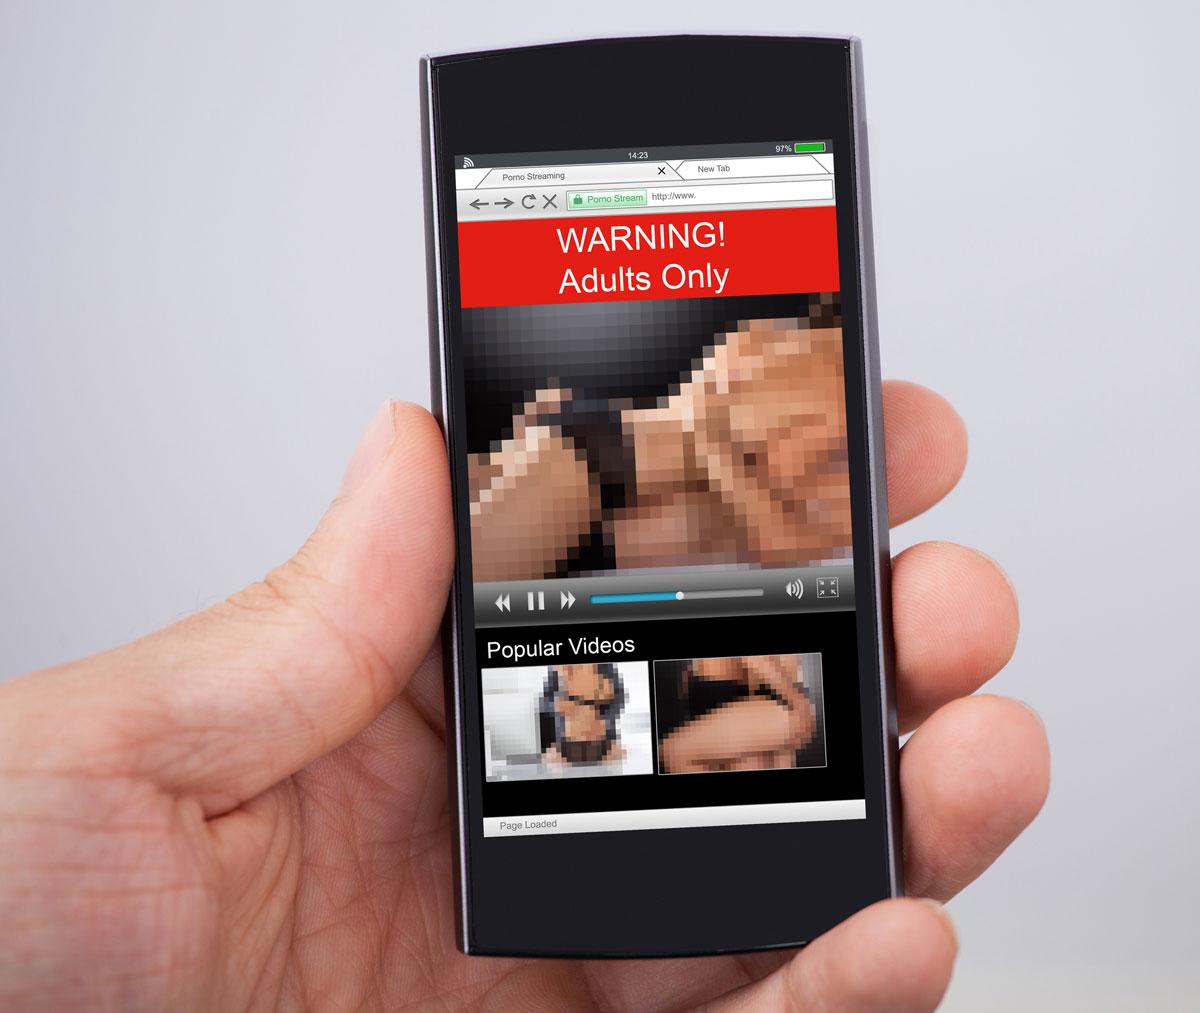 Primera condena por ley de pornografía